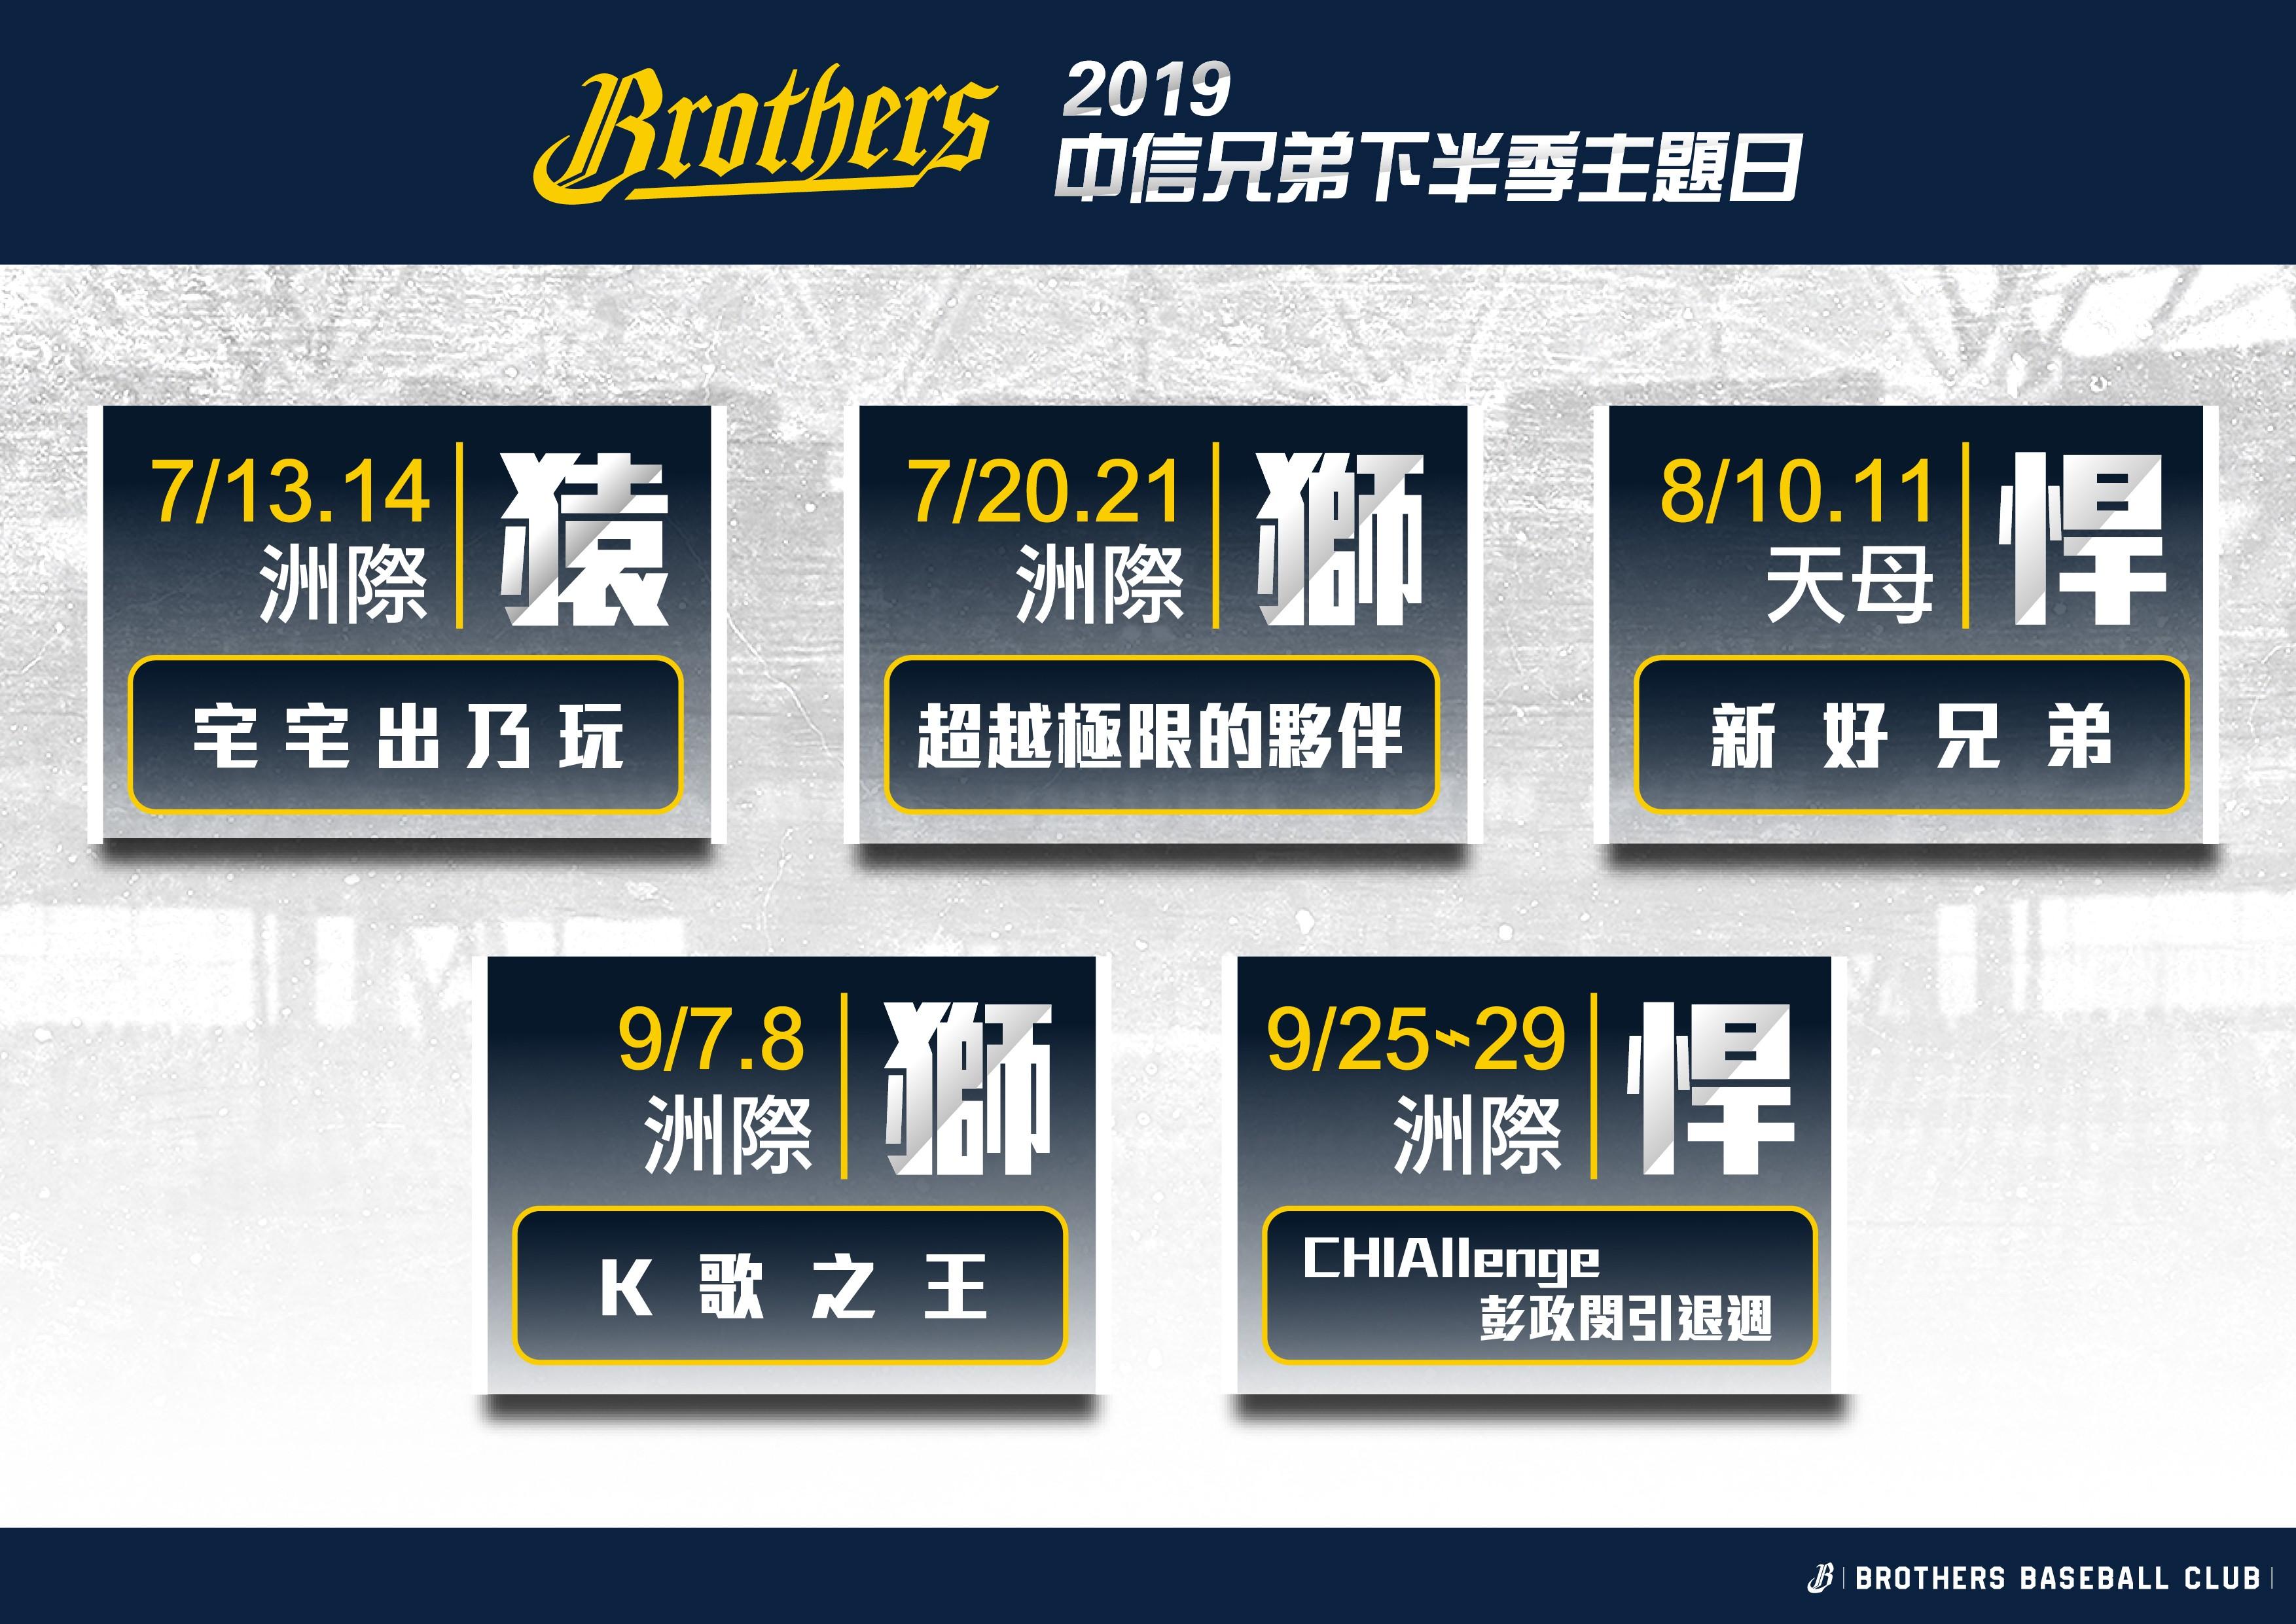 中信兄弟象下半季主題日及售票資訊